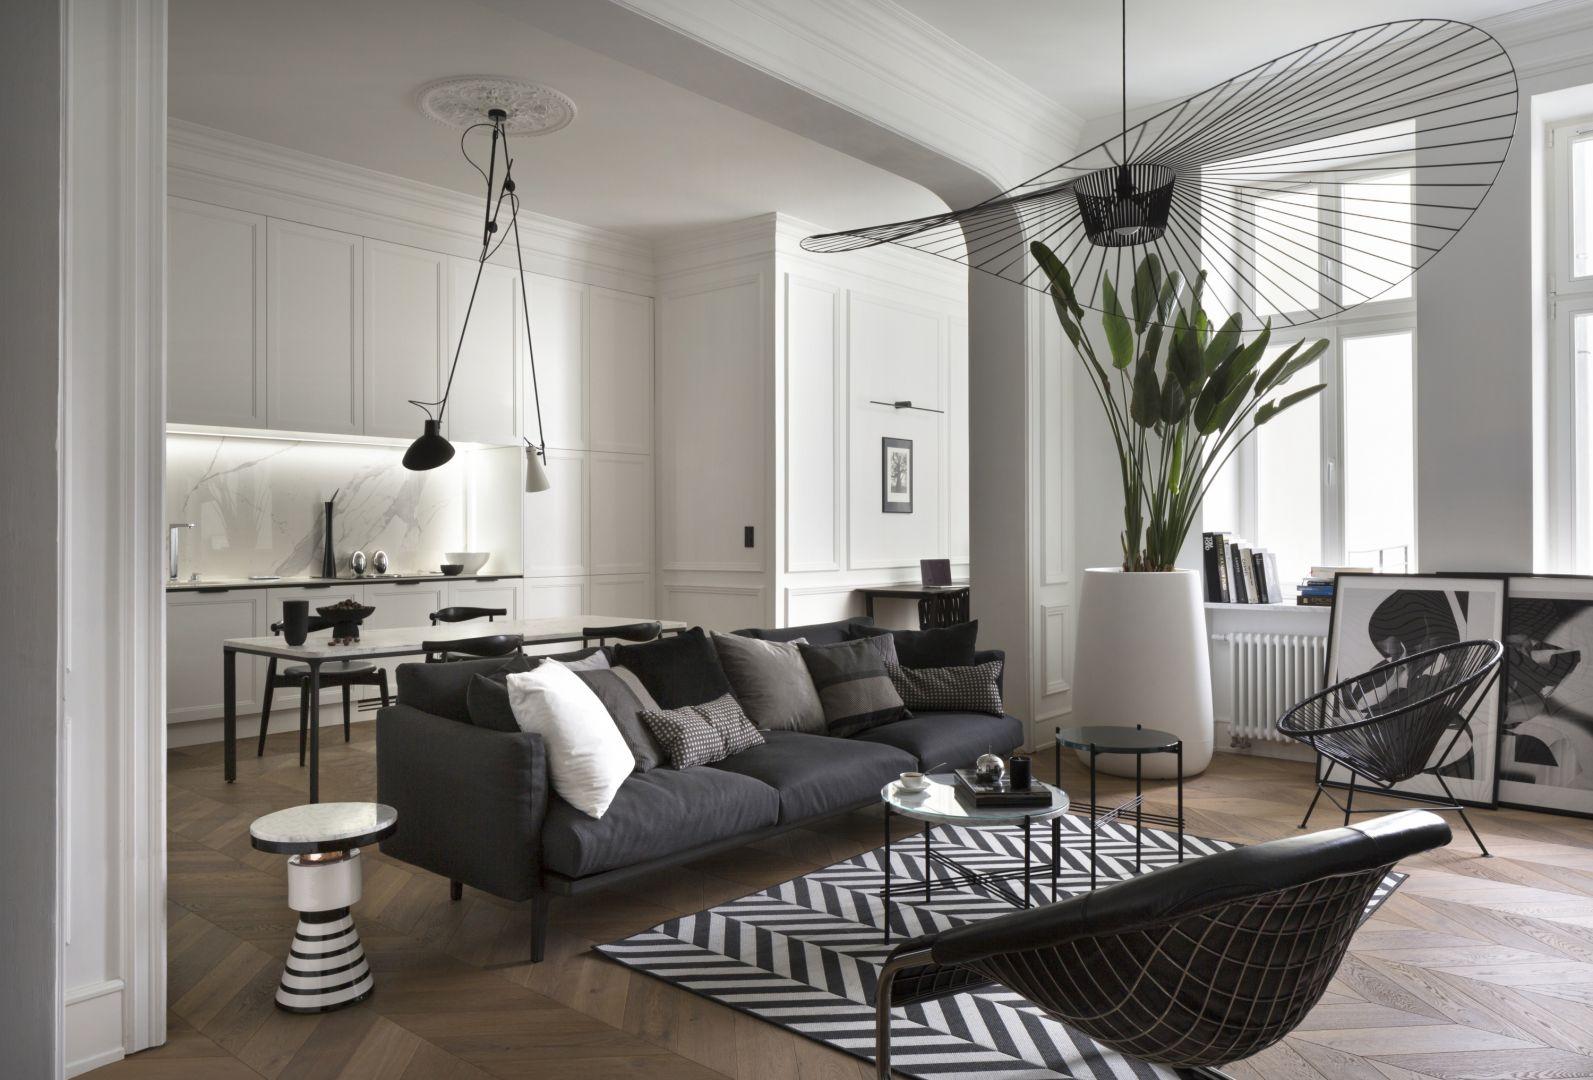 Czarno-biały salon urządzono elegancko i stylowo. Projekt: Goszczdesign. Fot. Piotr Mastalerz